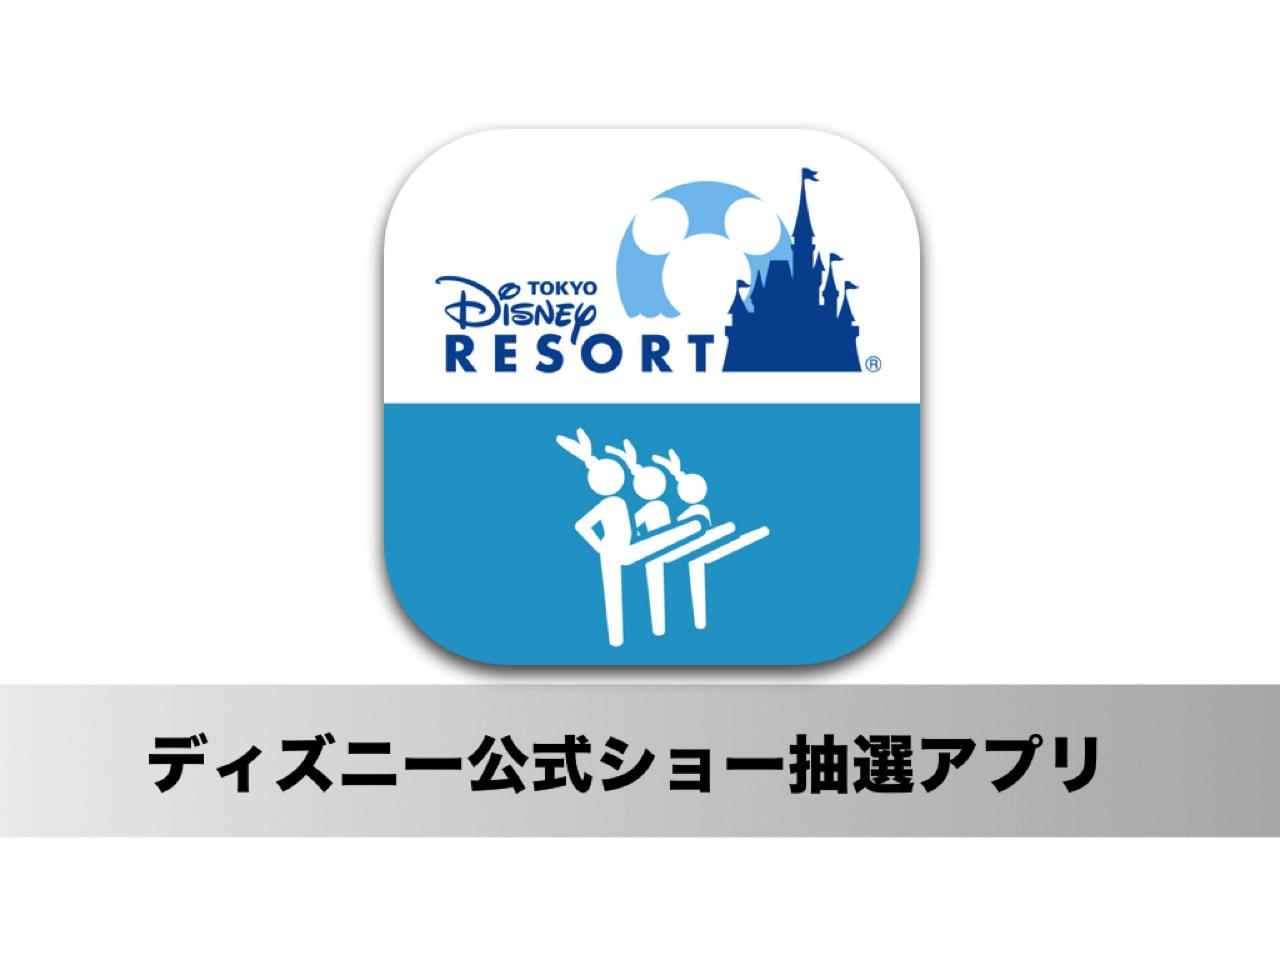 スマホからショーの抽選に参加できる!東京ディズニーリゾート公式 ショー抽選アプリ登場!